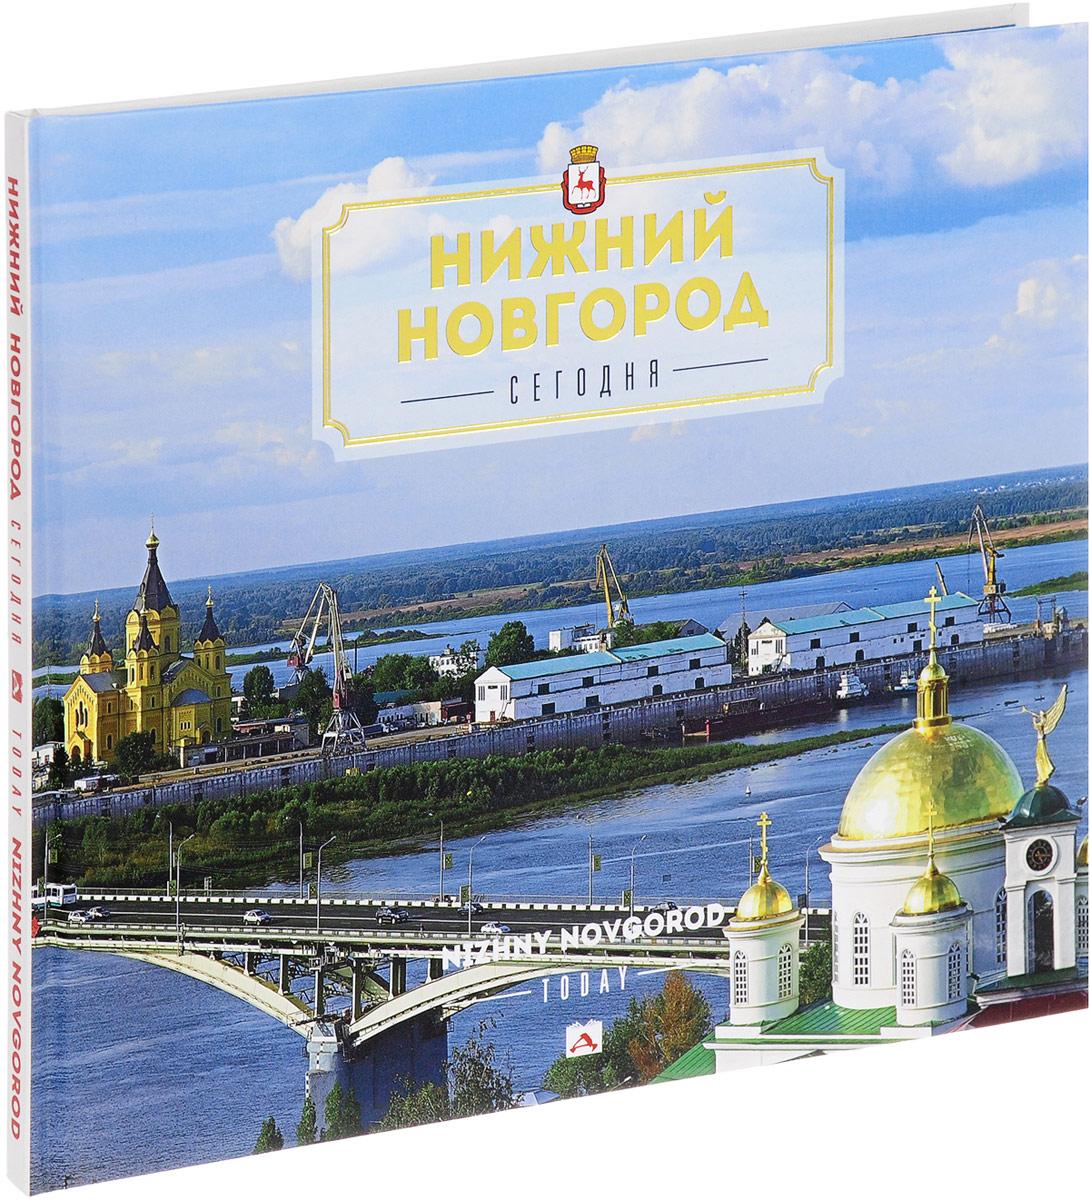 Нижний Новгород сегодня / Nizhny Novgorod Today